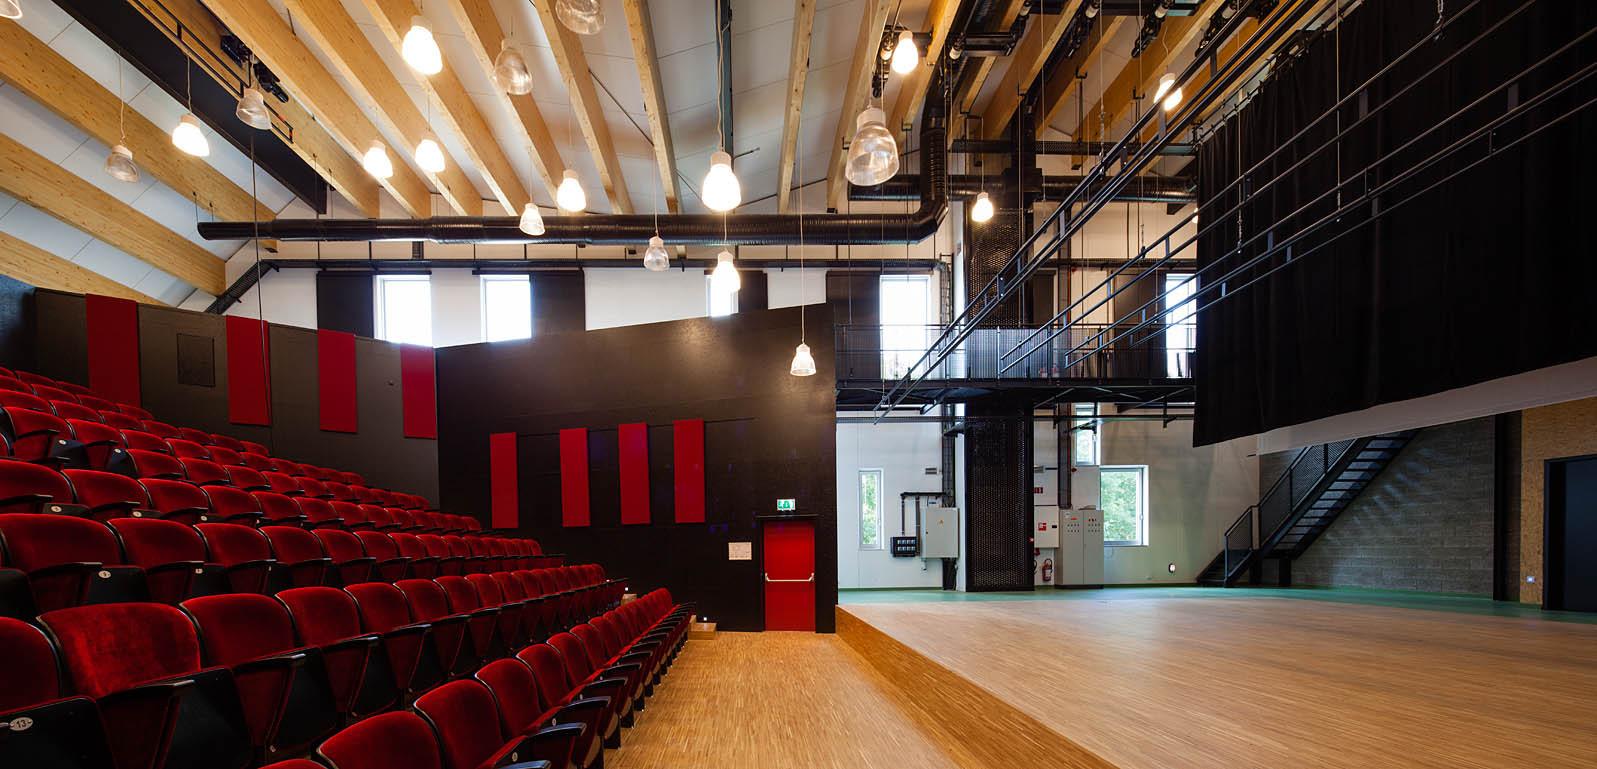 Academie MWD Dilbeek / Carlos Arroyo